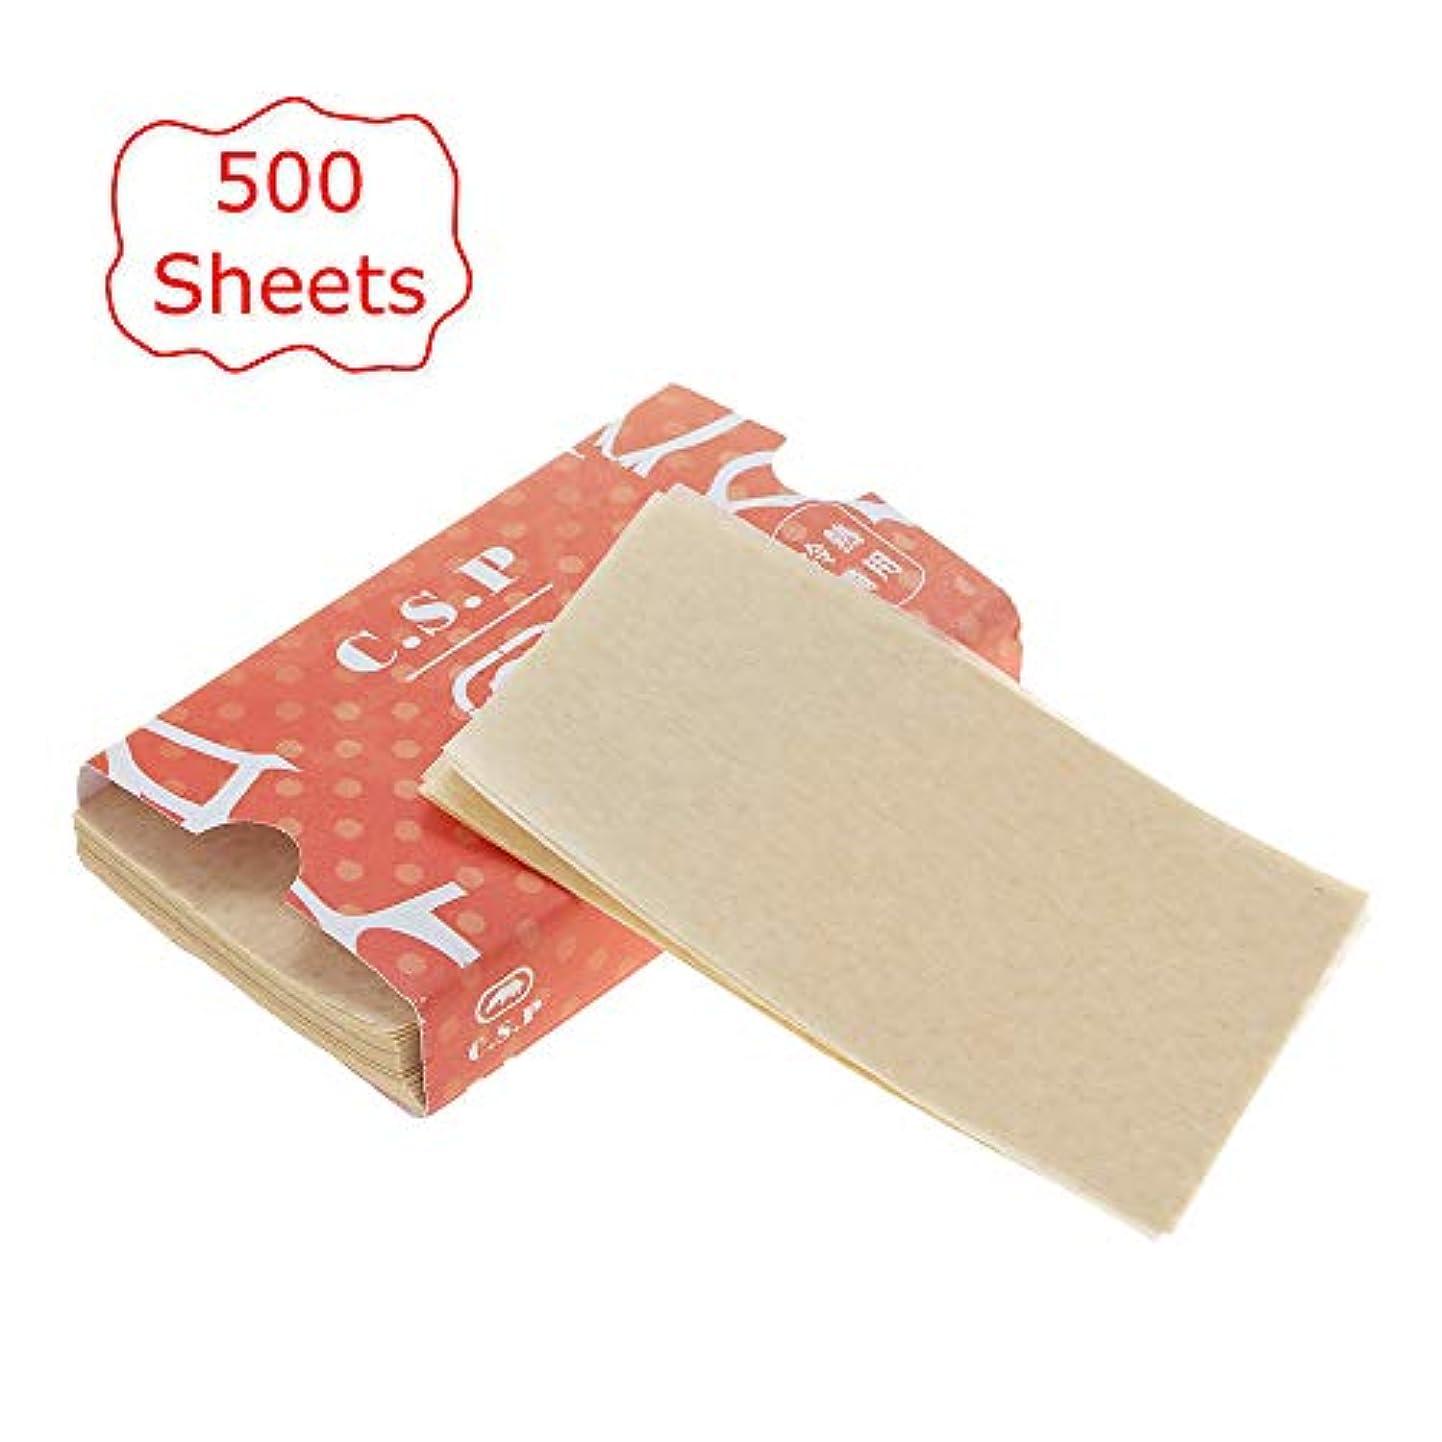 ドローポインタ分析的Decdeal 500枚 ヘアカラー紙 ヘアダイペーパー ヘアパーマツール 自宅 DIY